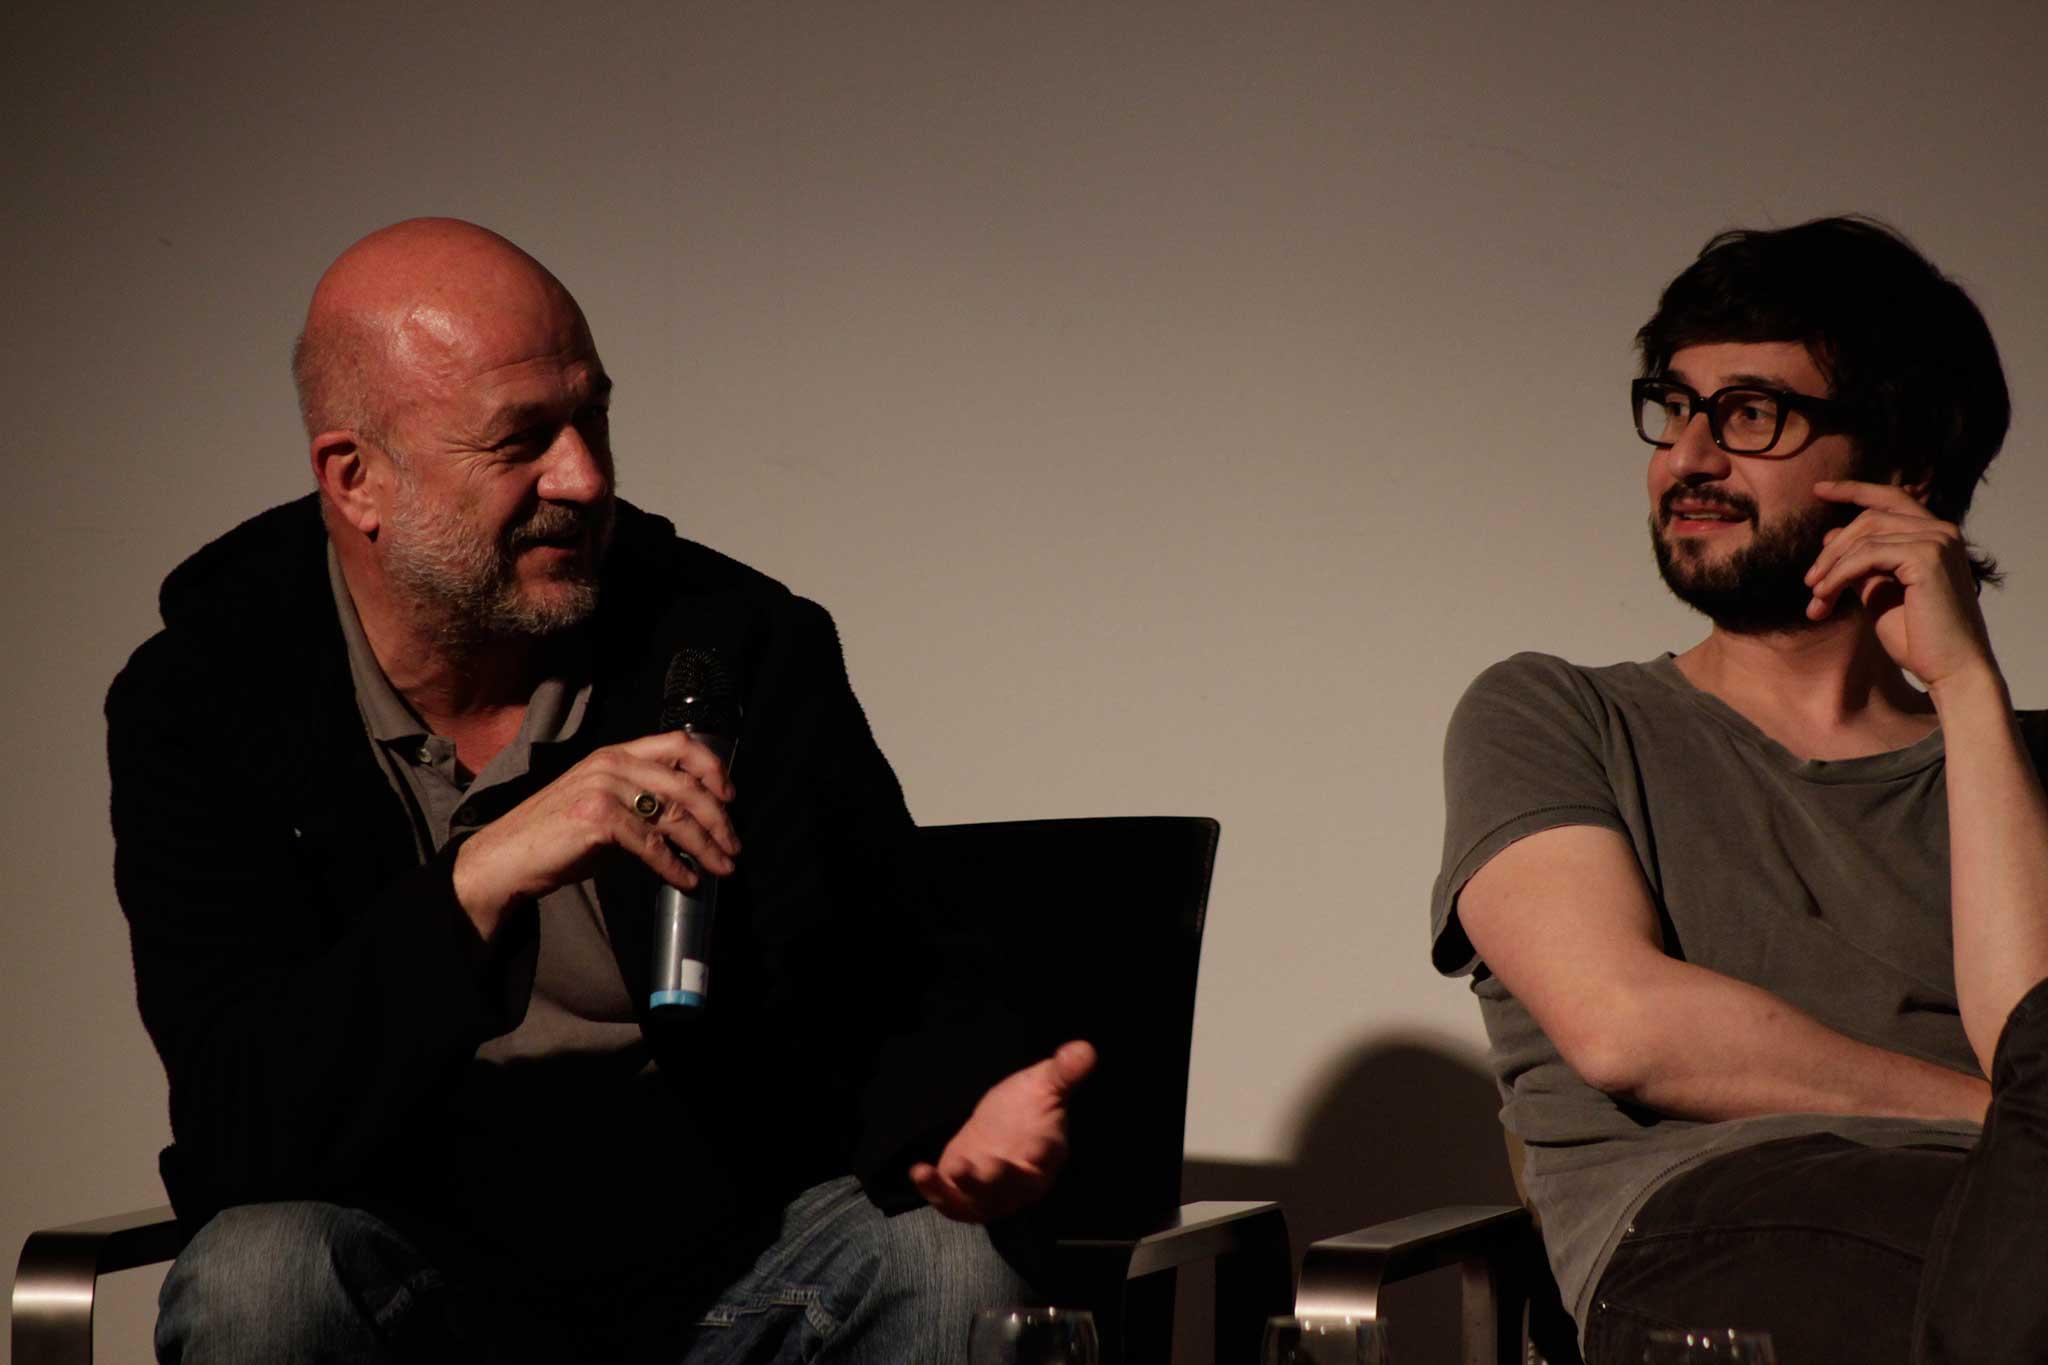 Lo Breier (links) bei dem Mario Lombardo (rechts) eins ein Praktikum machte.